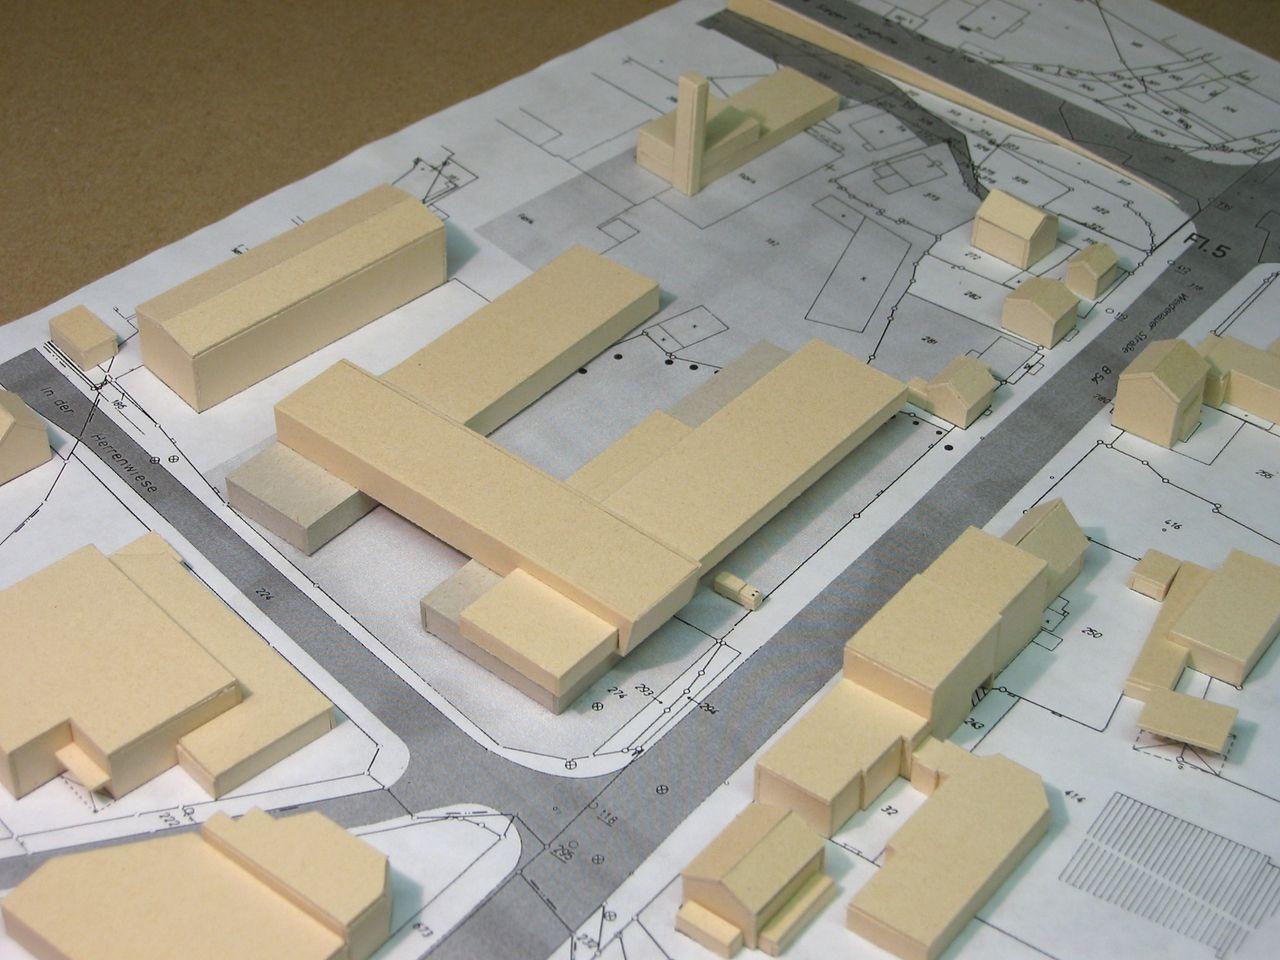 112 neue feuerwache siegen diplomthema ss2002 lab42 for Universitat architektur